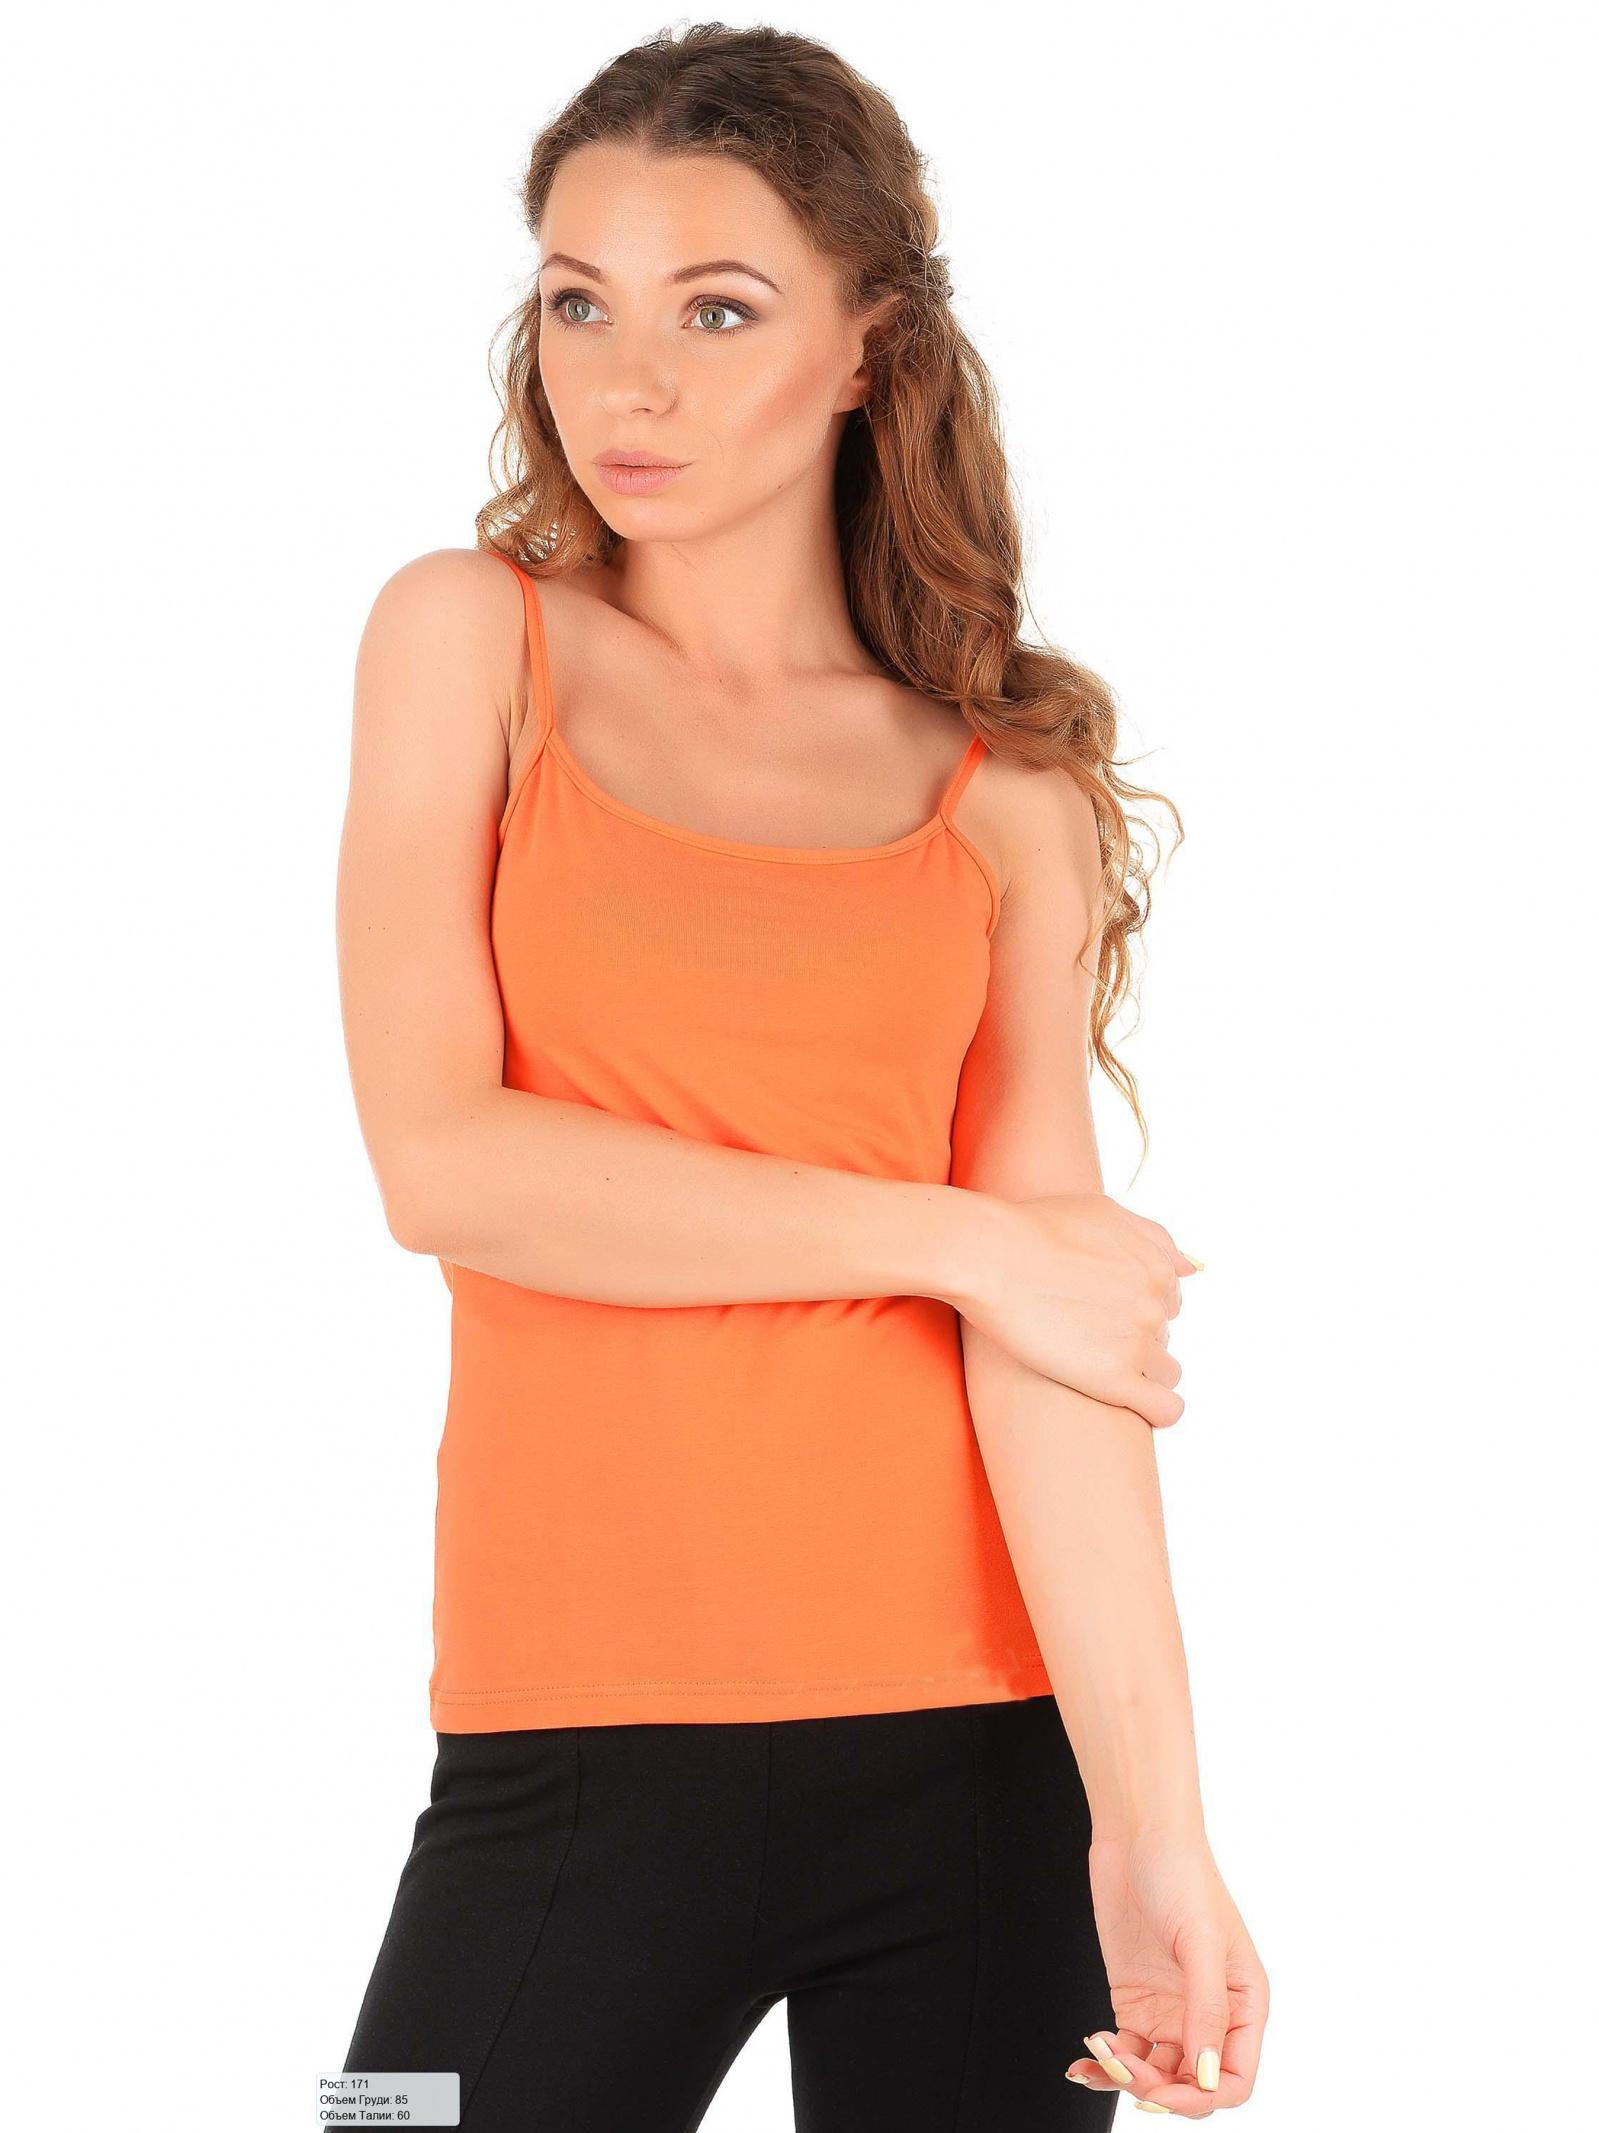 Sealine Спідня білизна жіночі модель 380-014 orange якість, 2017